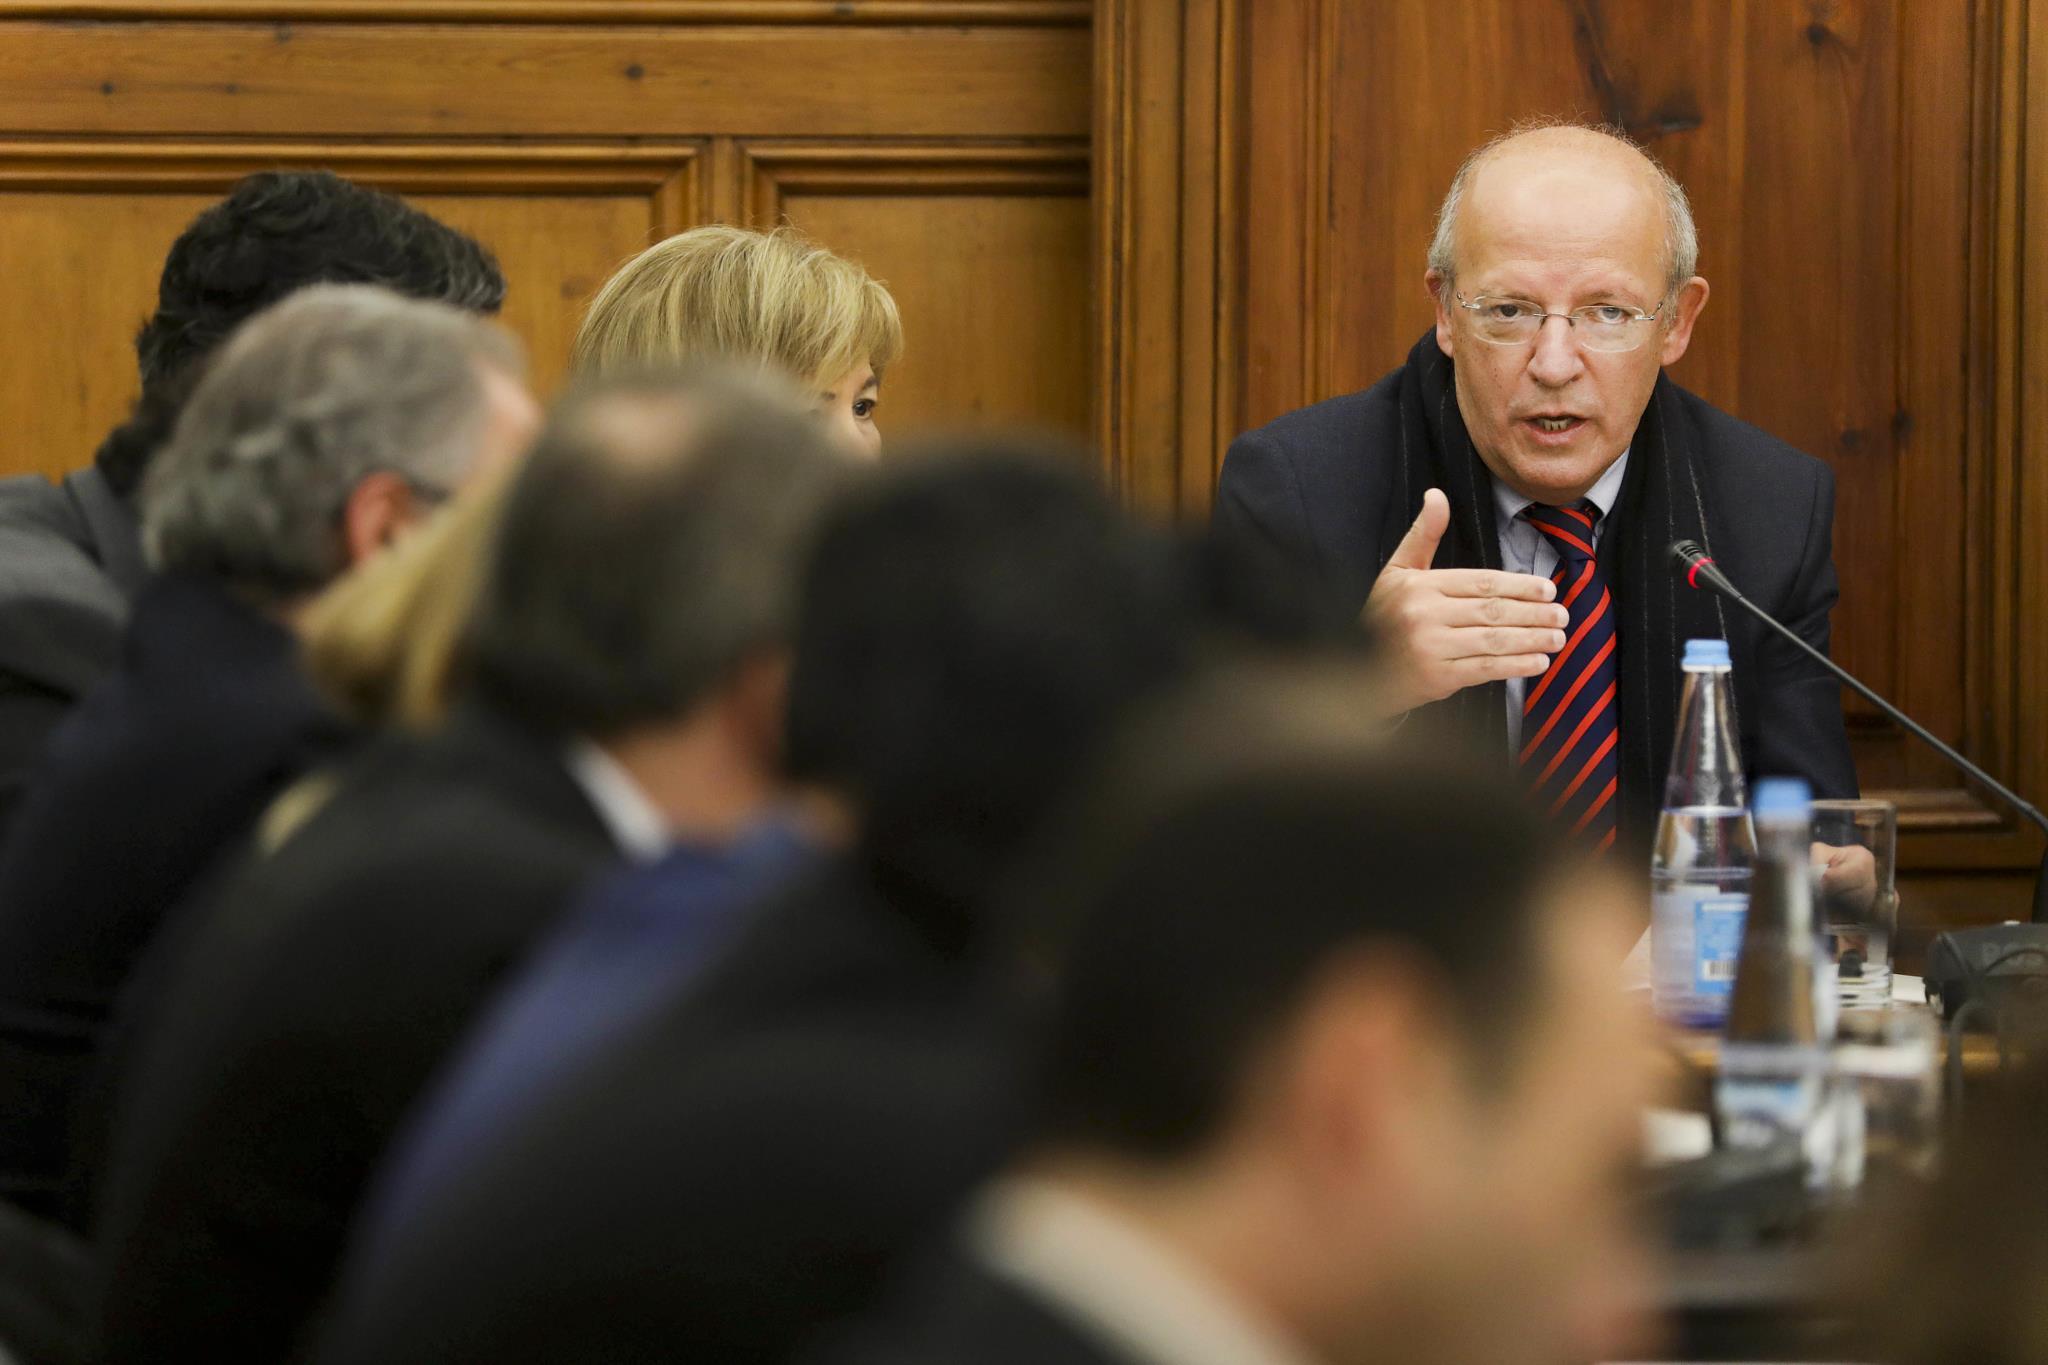 """PÚBLICO - Governo atraiu 800 milhões e quer """"nova escala na cooperação"""""""